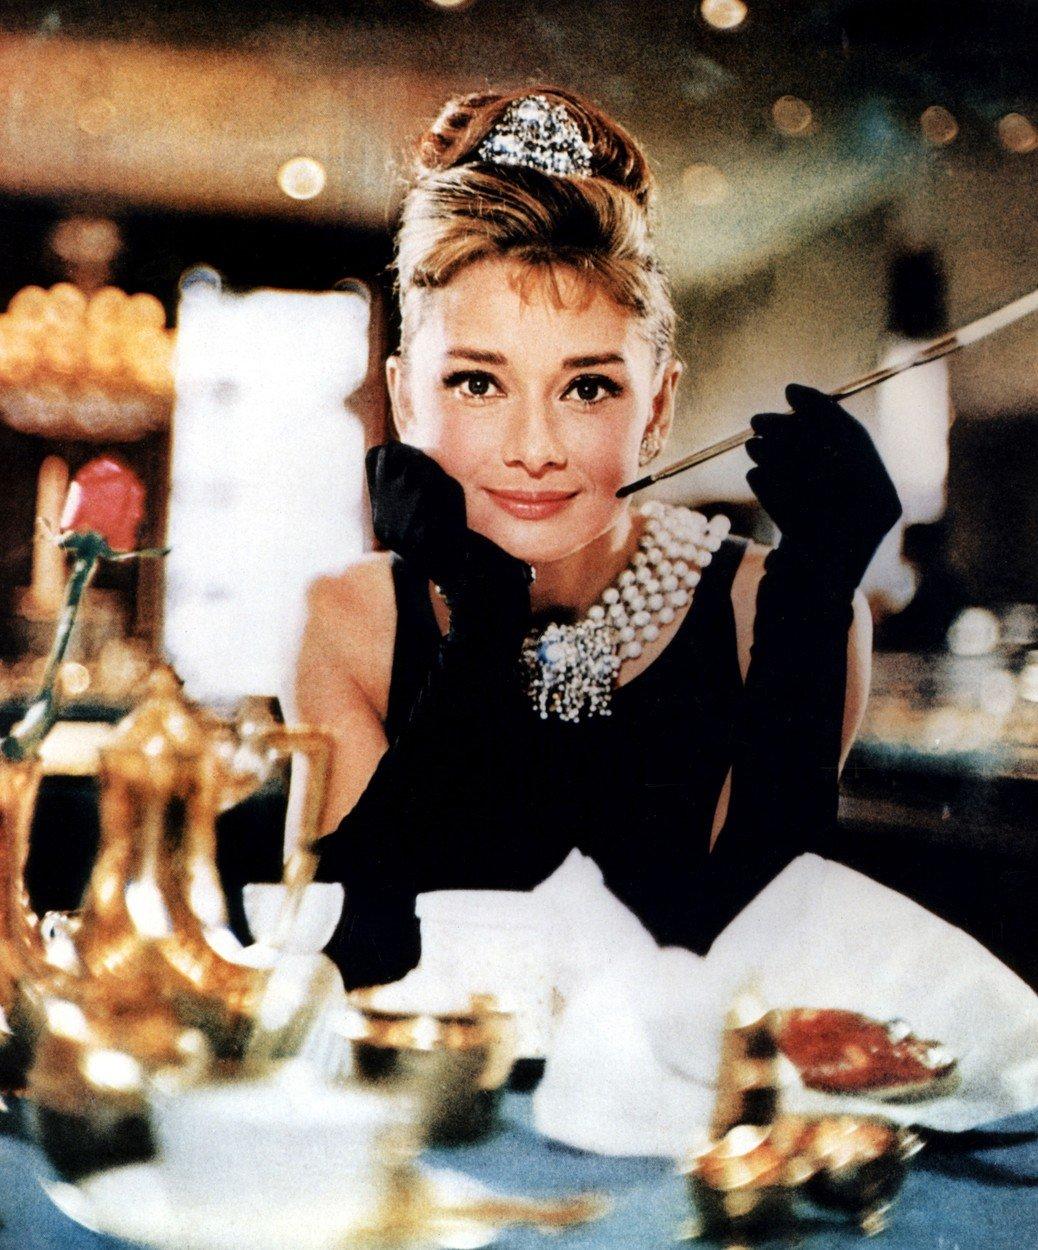 14. kép: Audrey Hepburn főszereplésével az Álom luxuskivitelben kultuszfilm, mint ahogy Hubert Givenchy is kultusztervezővé vált a film nyomán